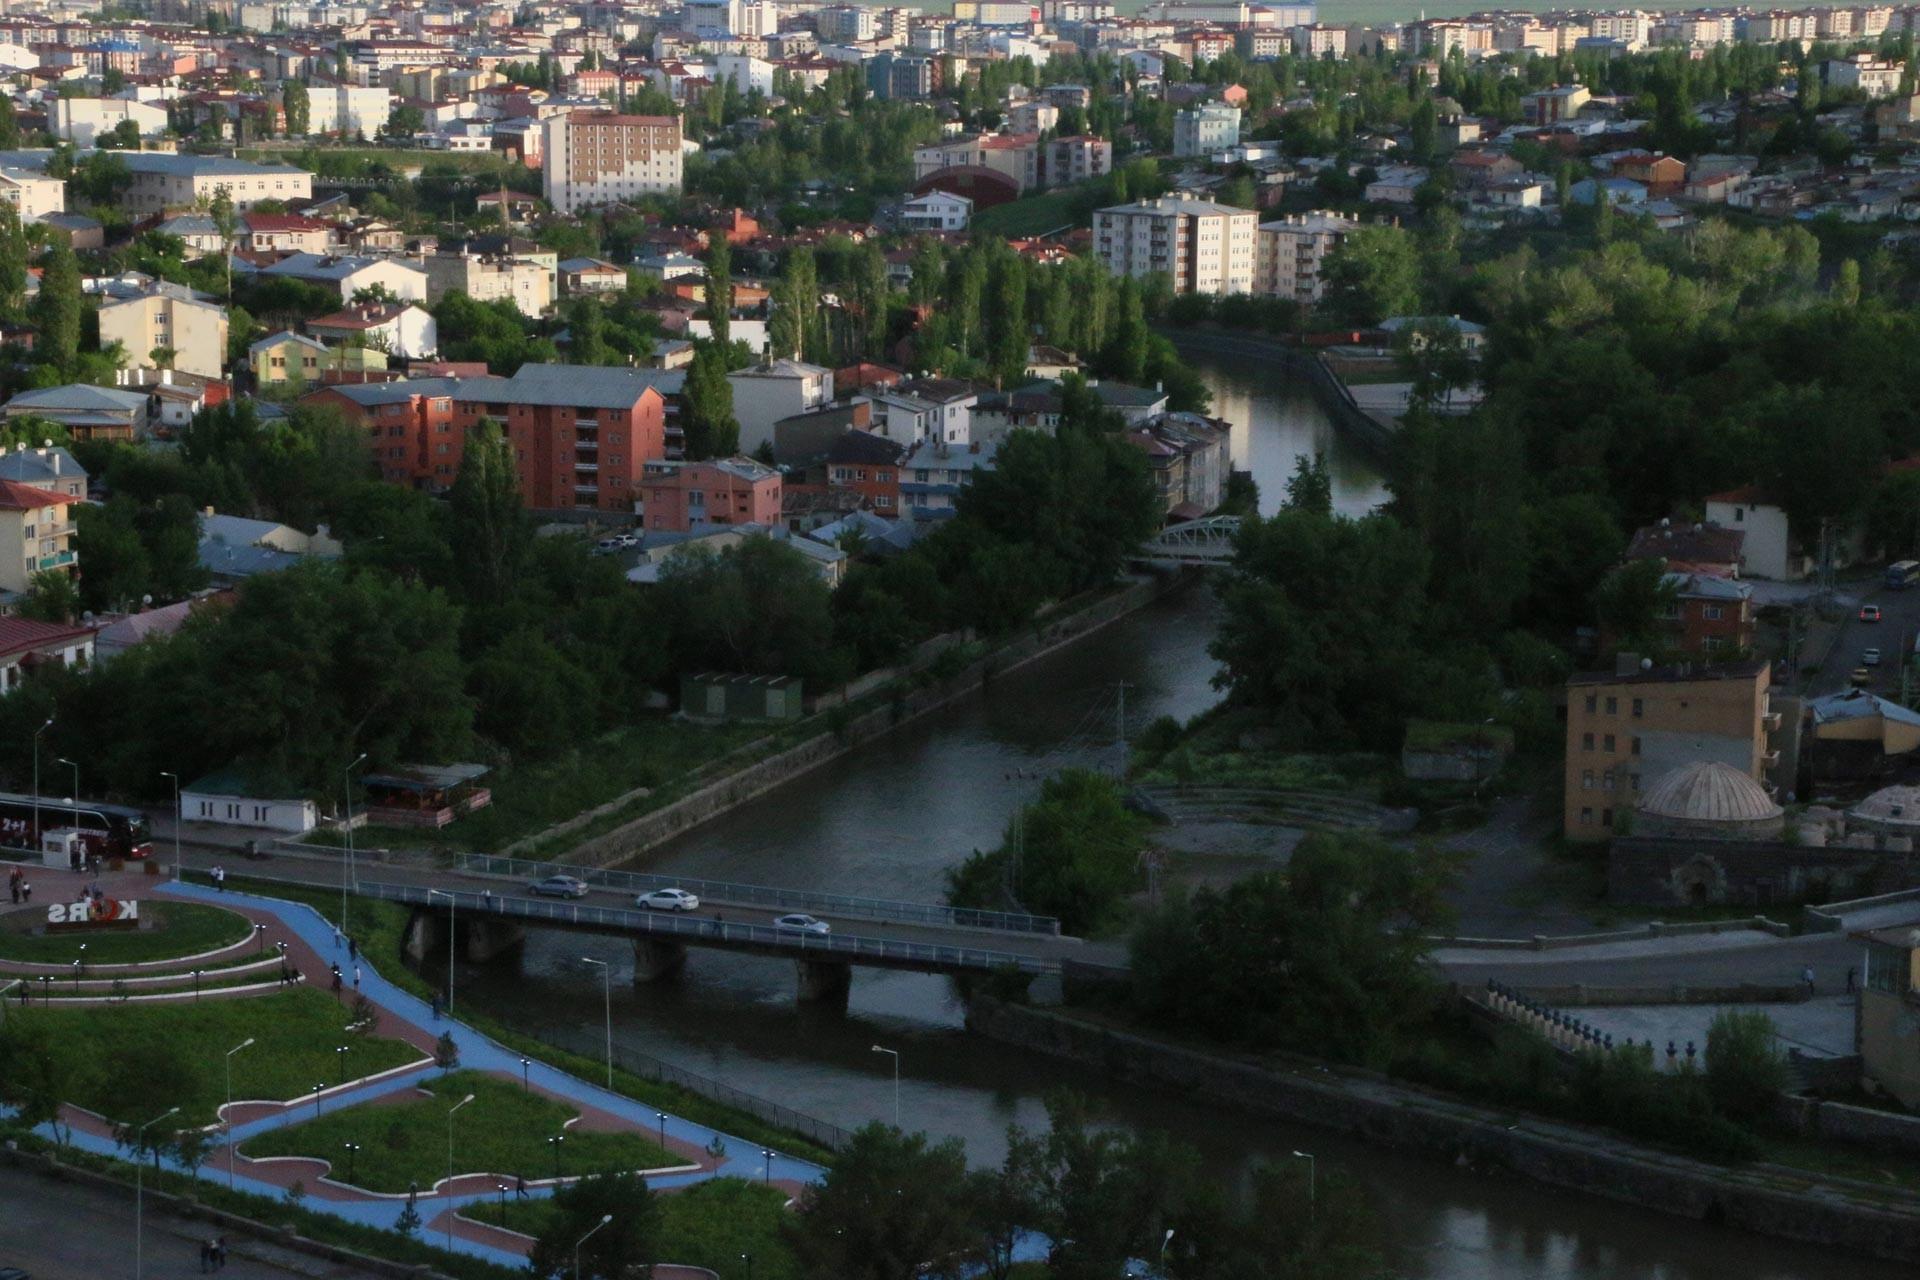 Kars Belediye Eş Başkanları: Şehir göç eden değil cazibe merkezi haline gelecek